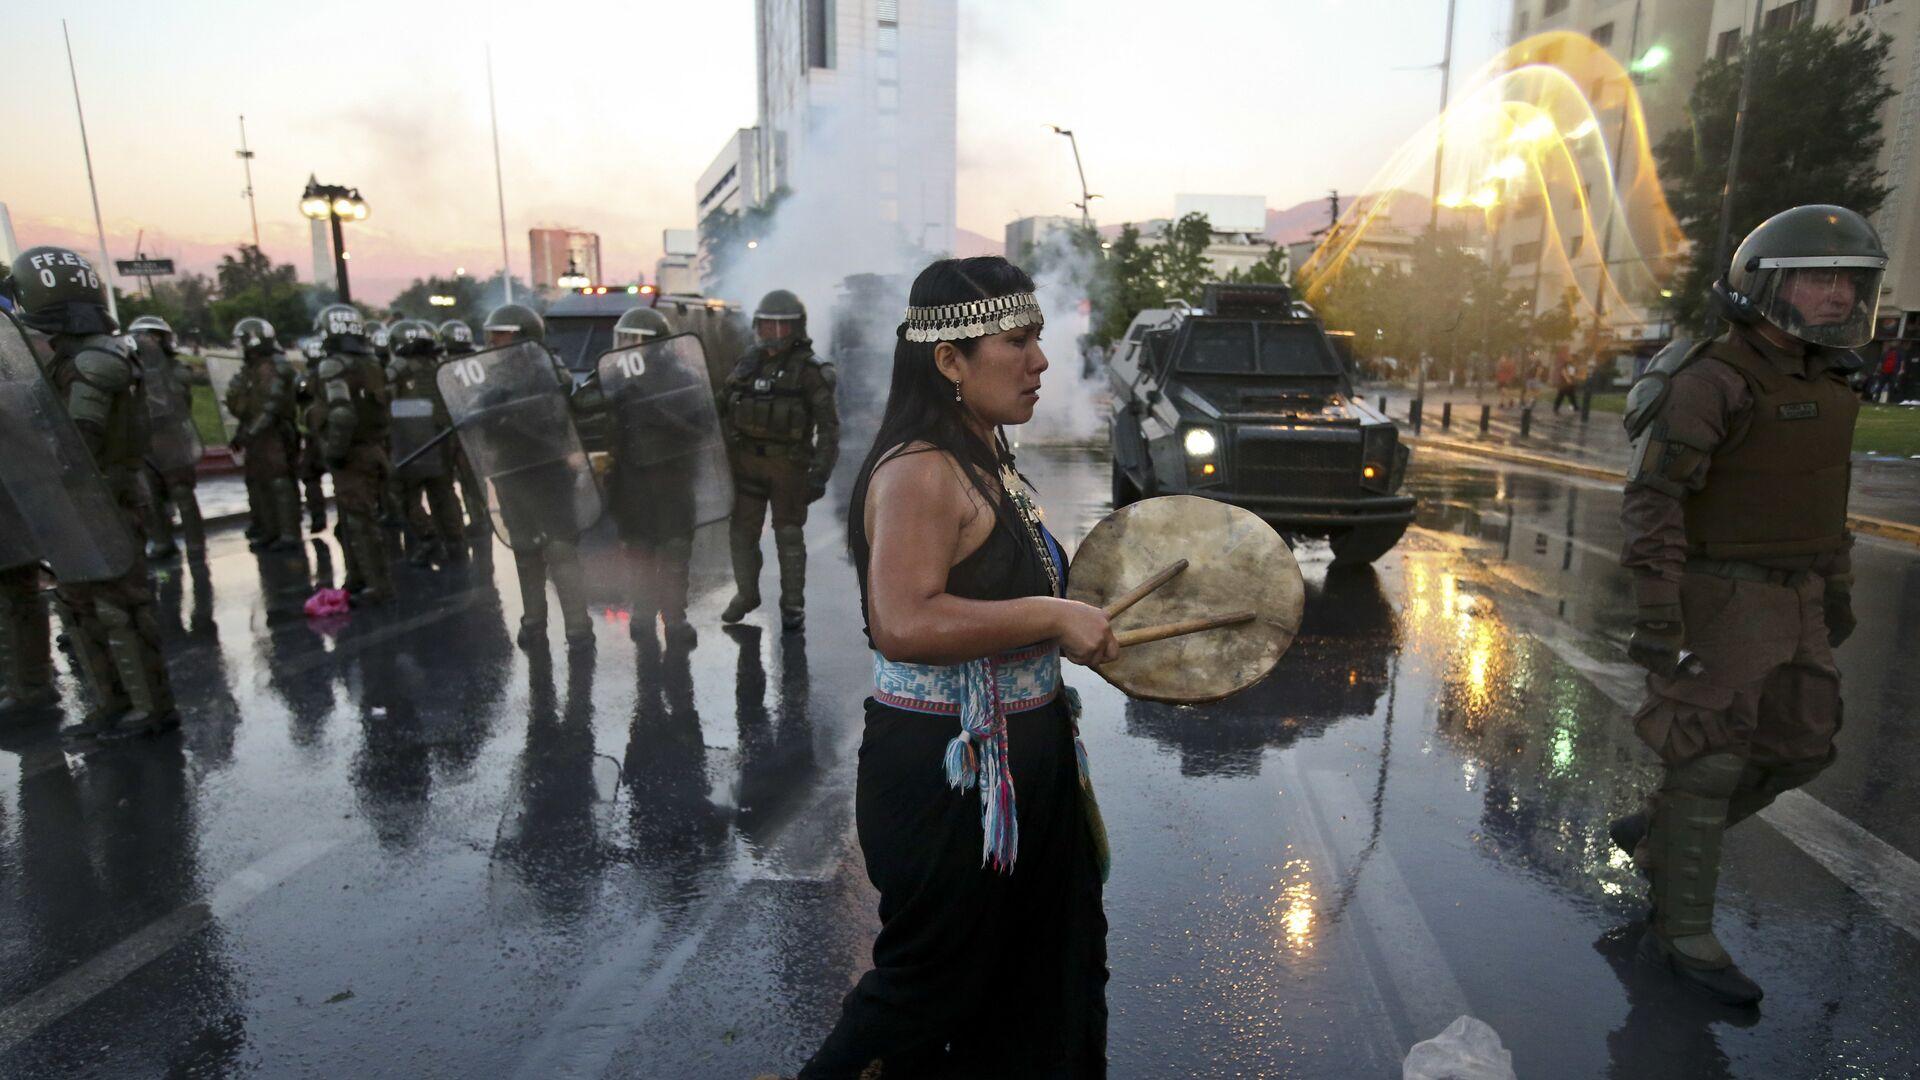 Mujer mapuche durante la manifestación del jueves 15 de noviembre, por la muerte de Camilo Catrillanca - Sputnik Mundo, 1920, 14.04.2021